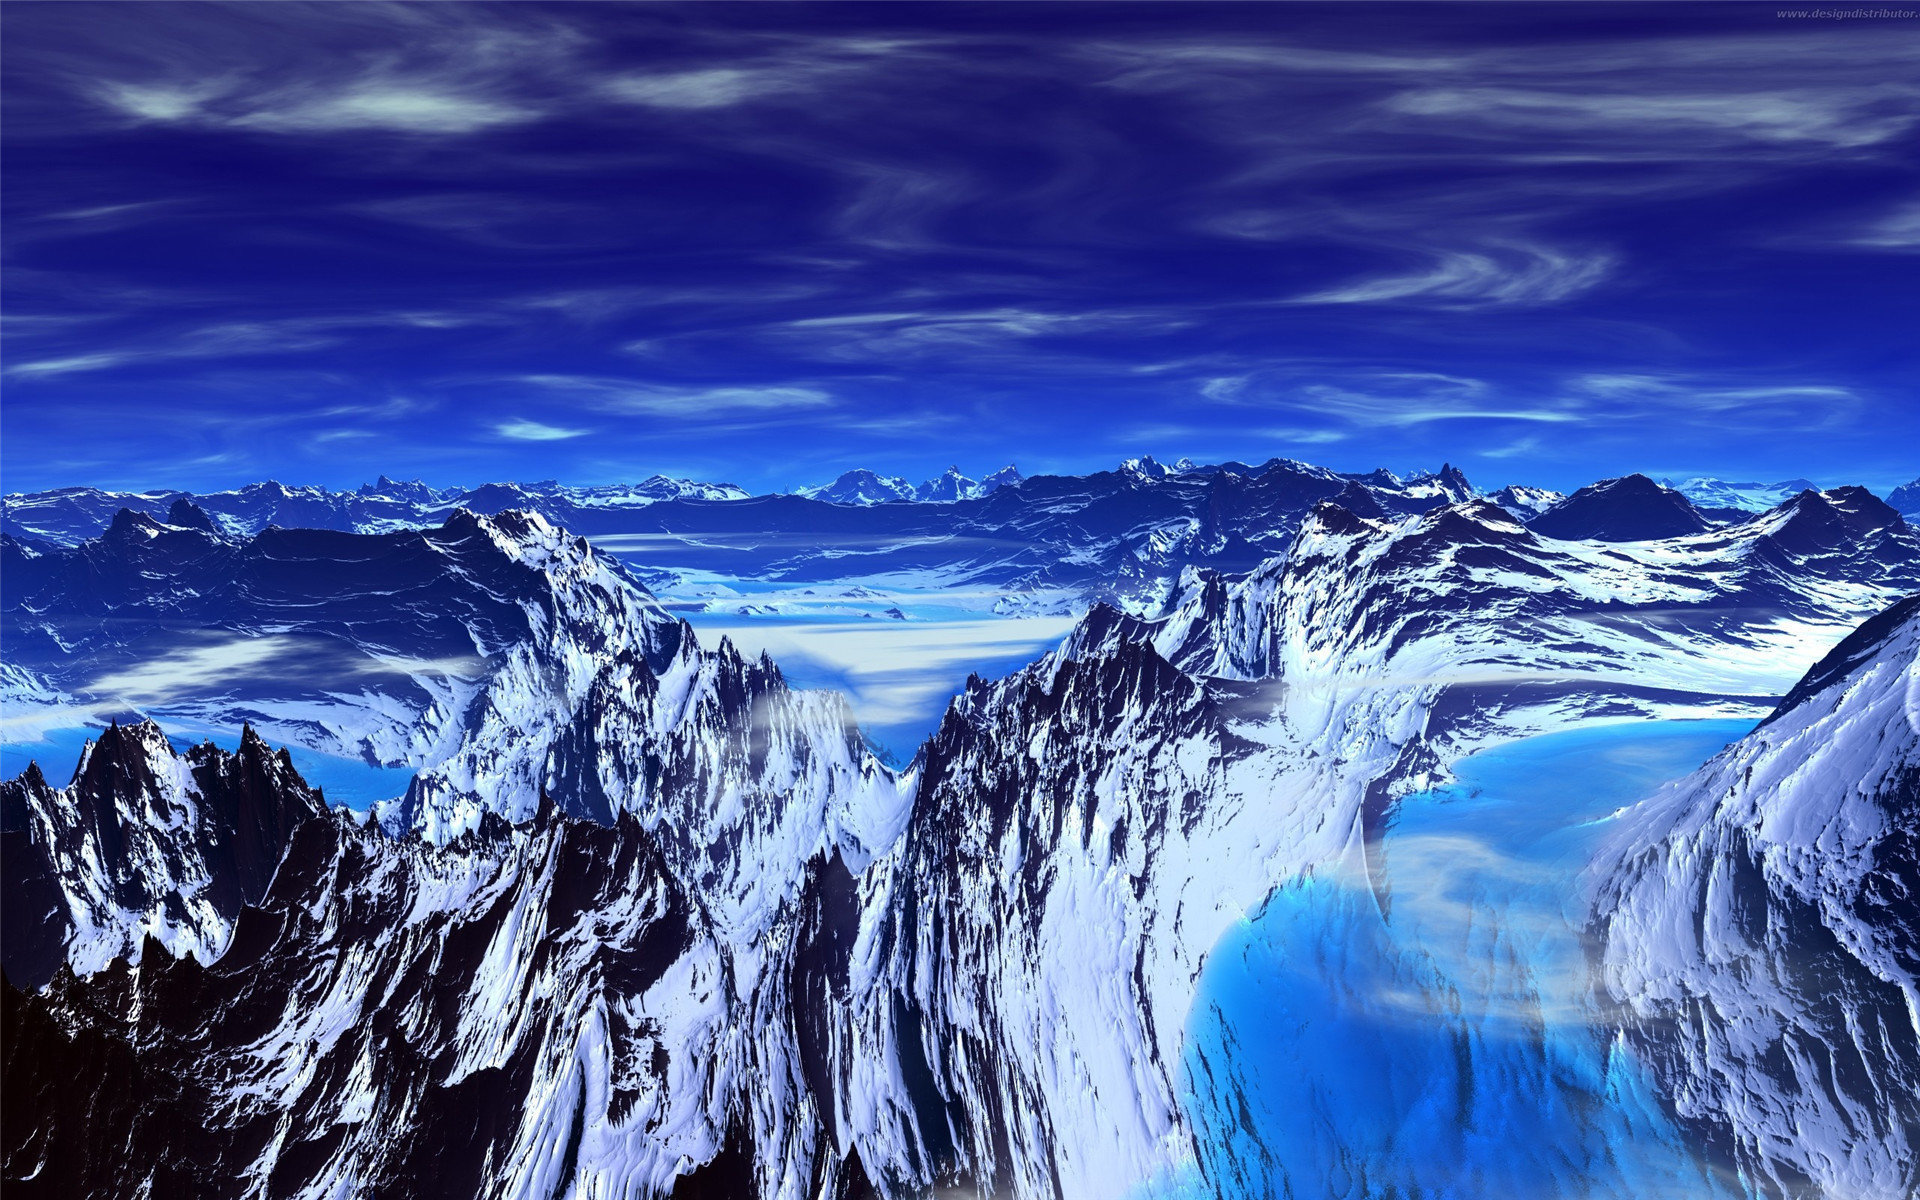 [海雪景高清桌面壁纸]高清雪景壁纸_可爱mm秀桌面壁纸 电脑壁纸